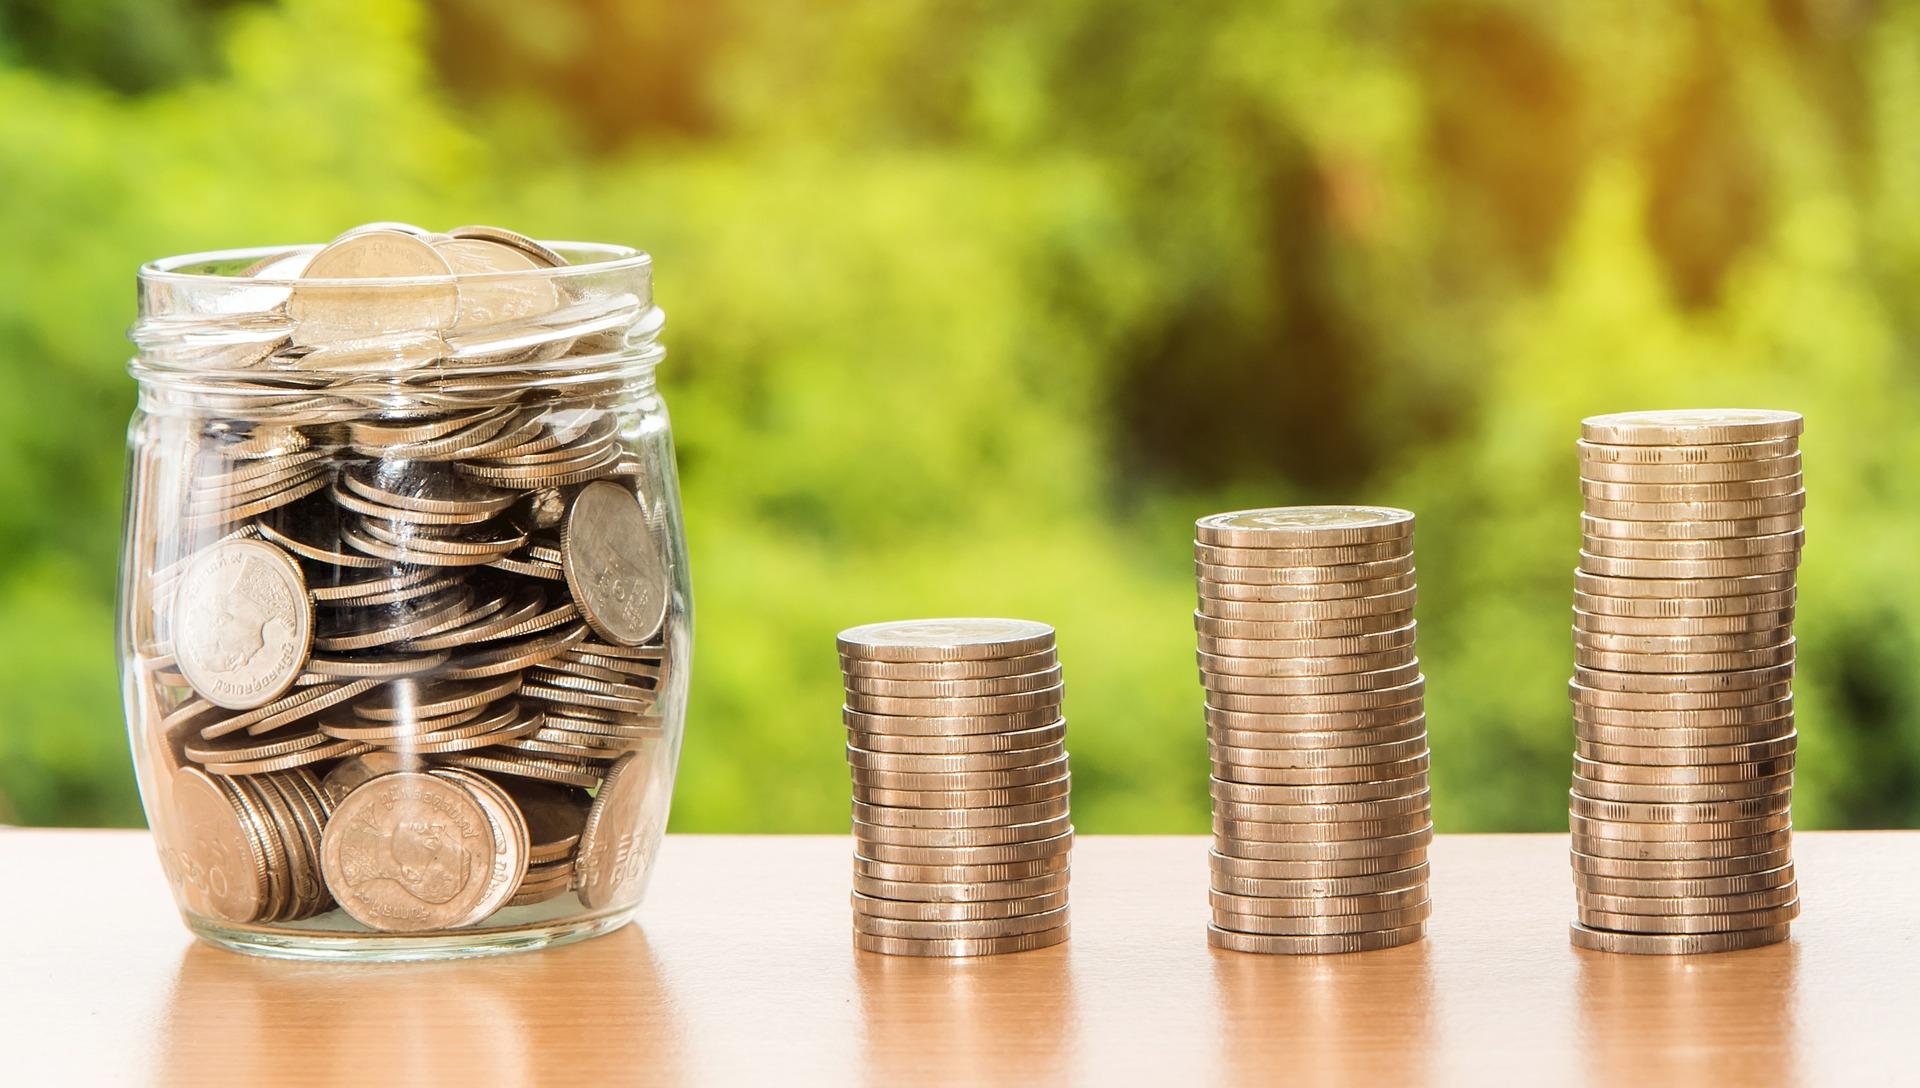 lån penge mønter lån (Foto: PR)